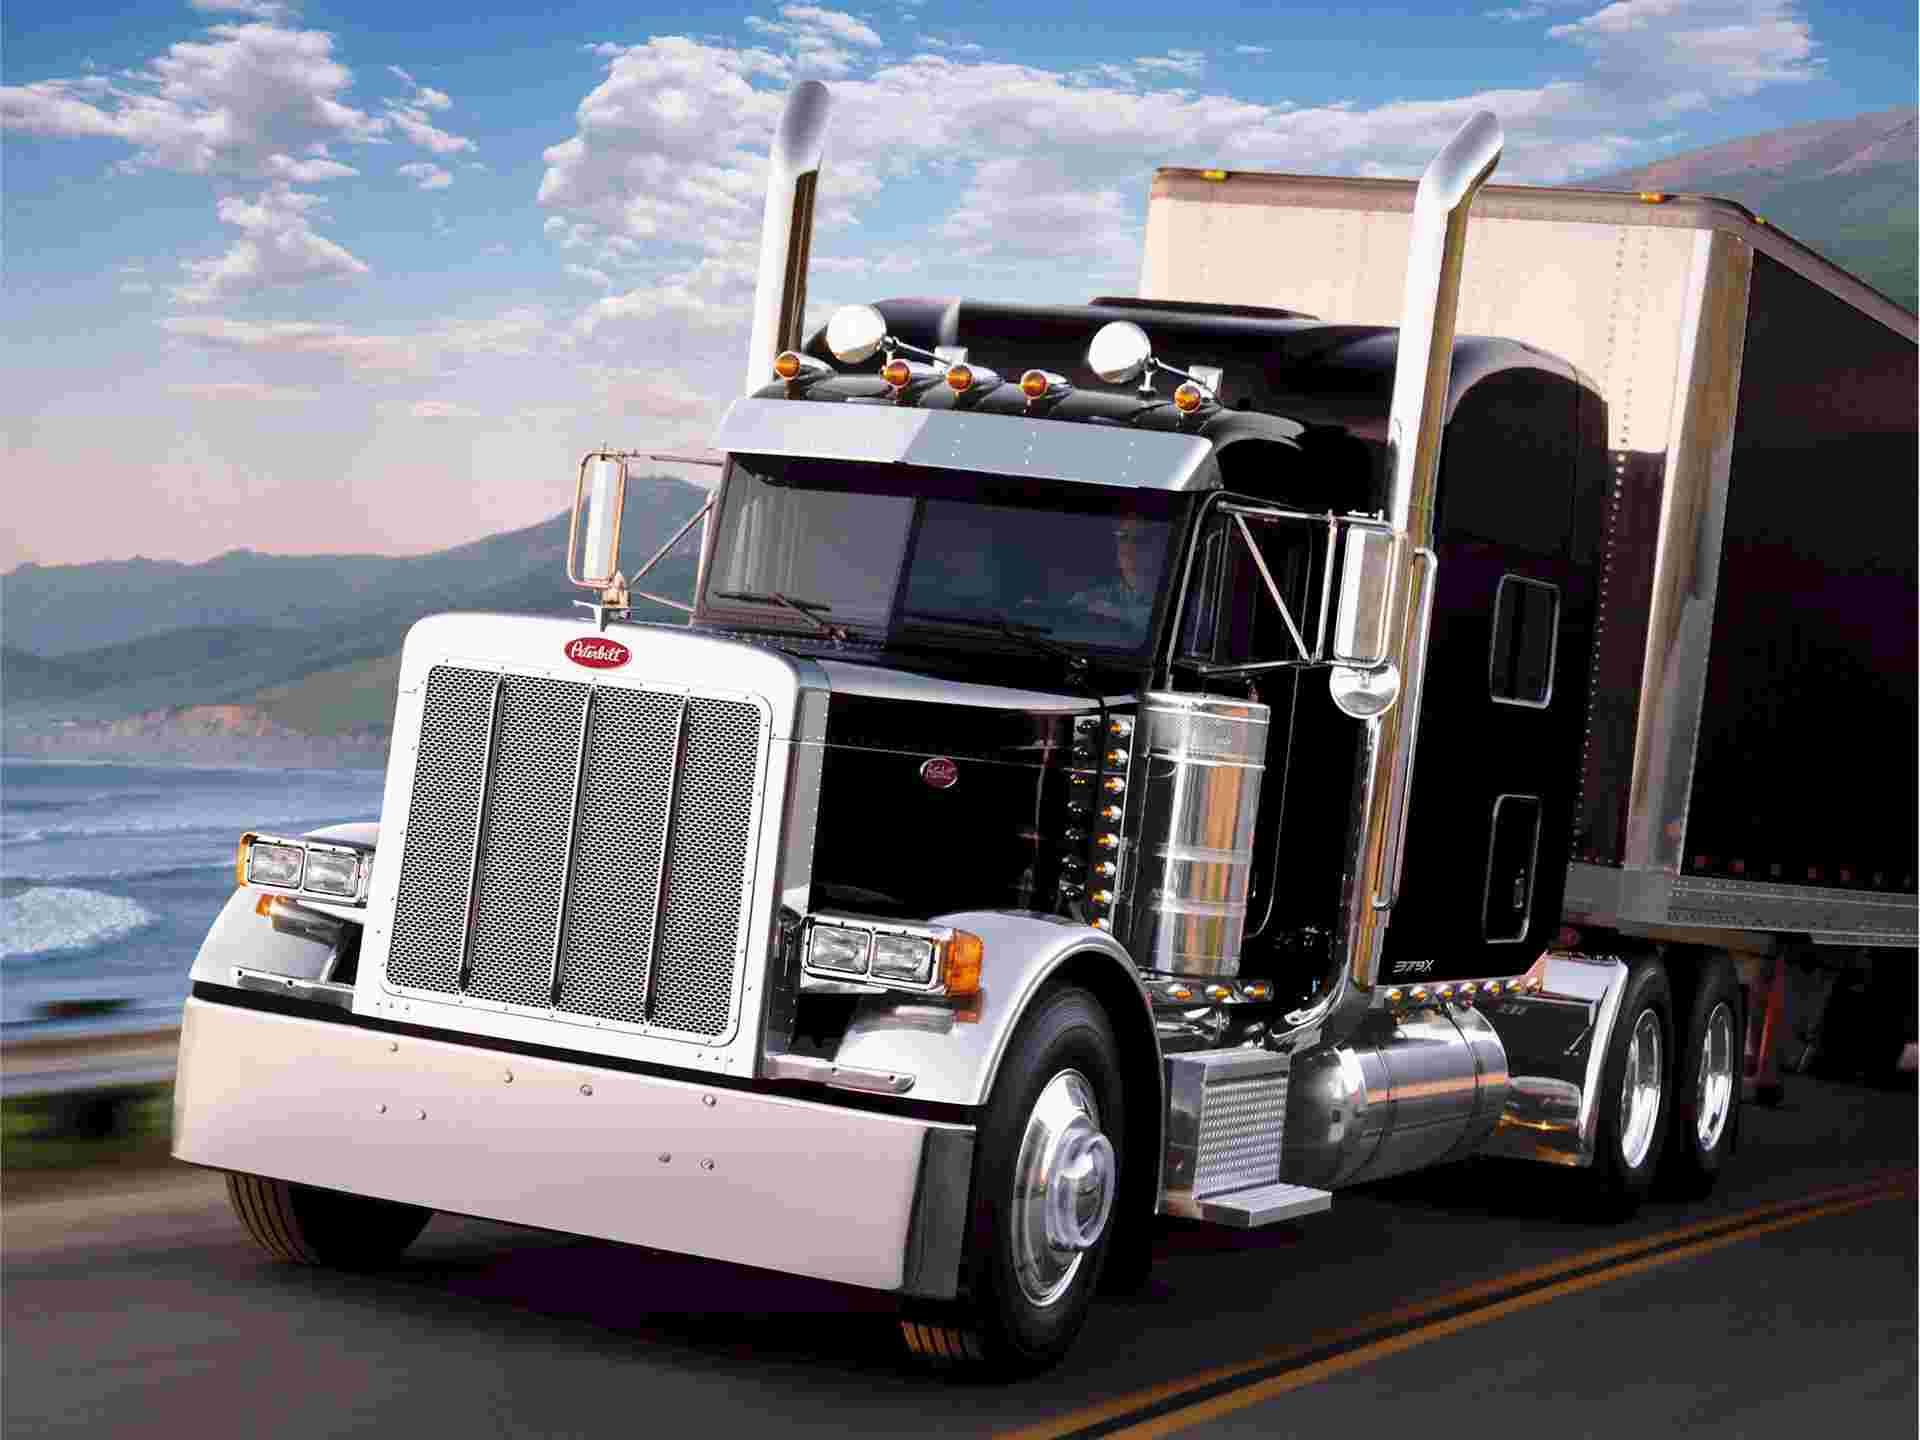 Peterbilt 379 17 wallpaper   Peterbilt   Trucks Buses   Wallpaper 1920x1440